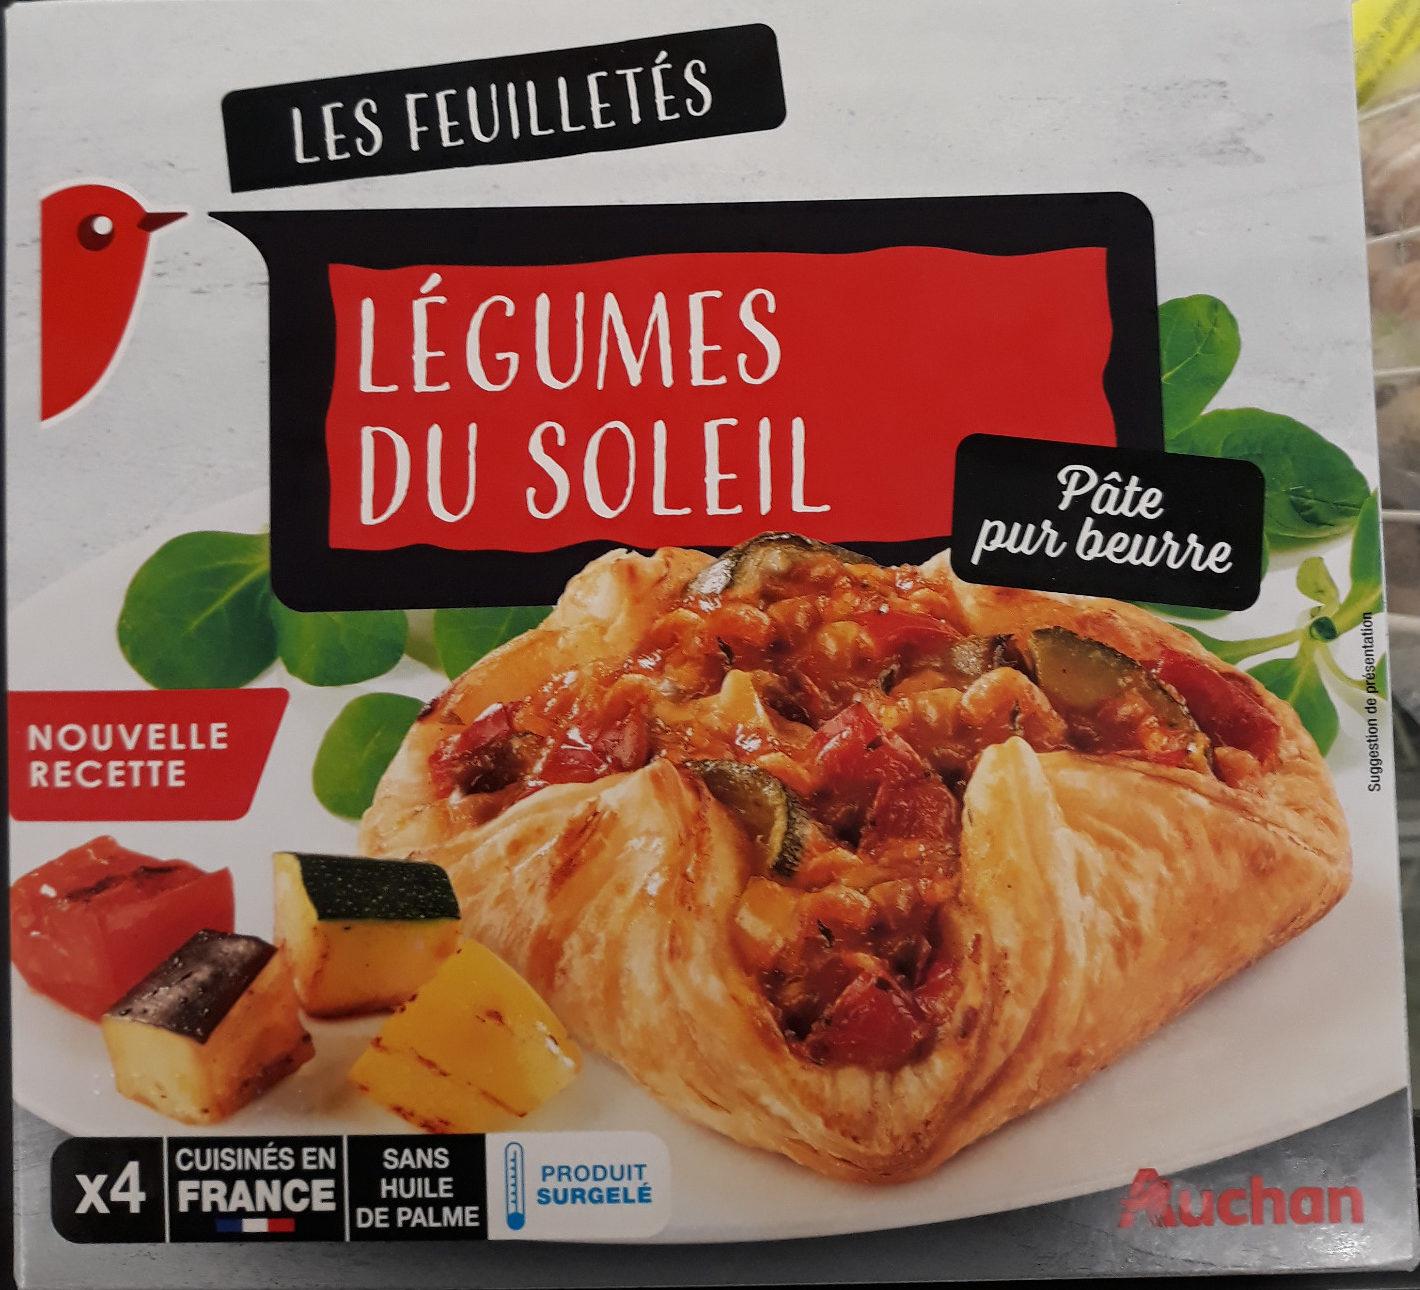 Feuilletés legumes du soleil - Produit - fr